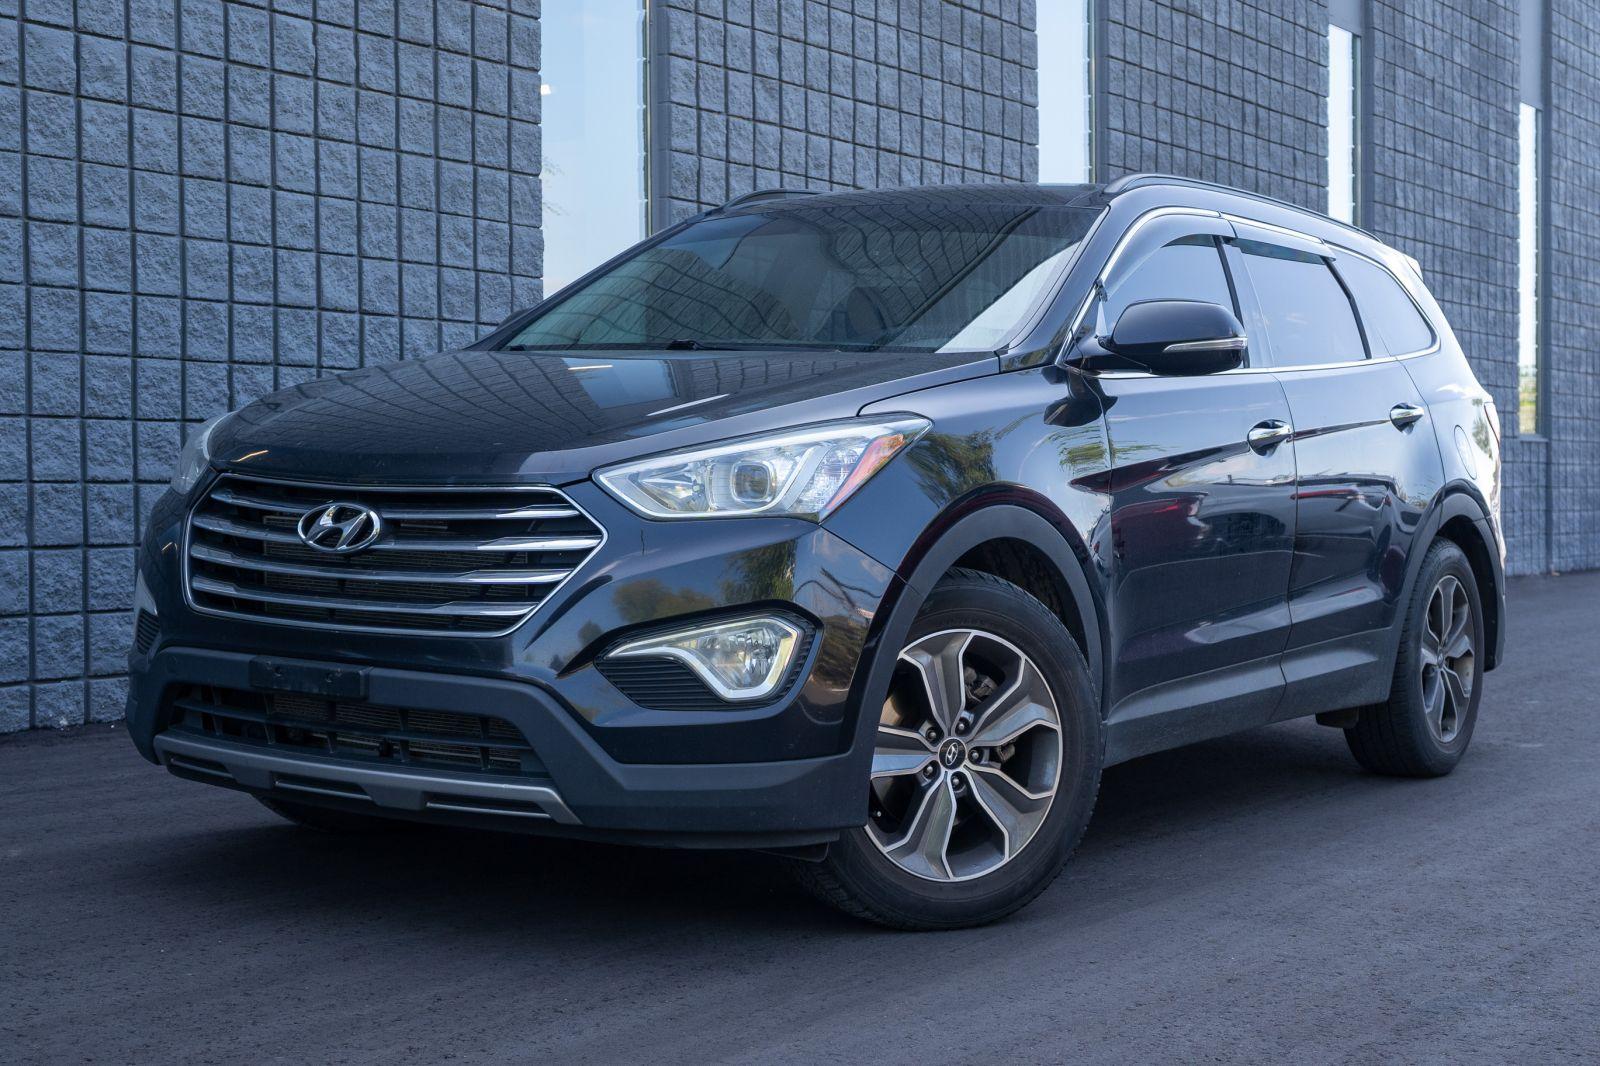 2015 Hyundai Santa Fe XL Image